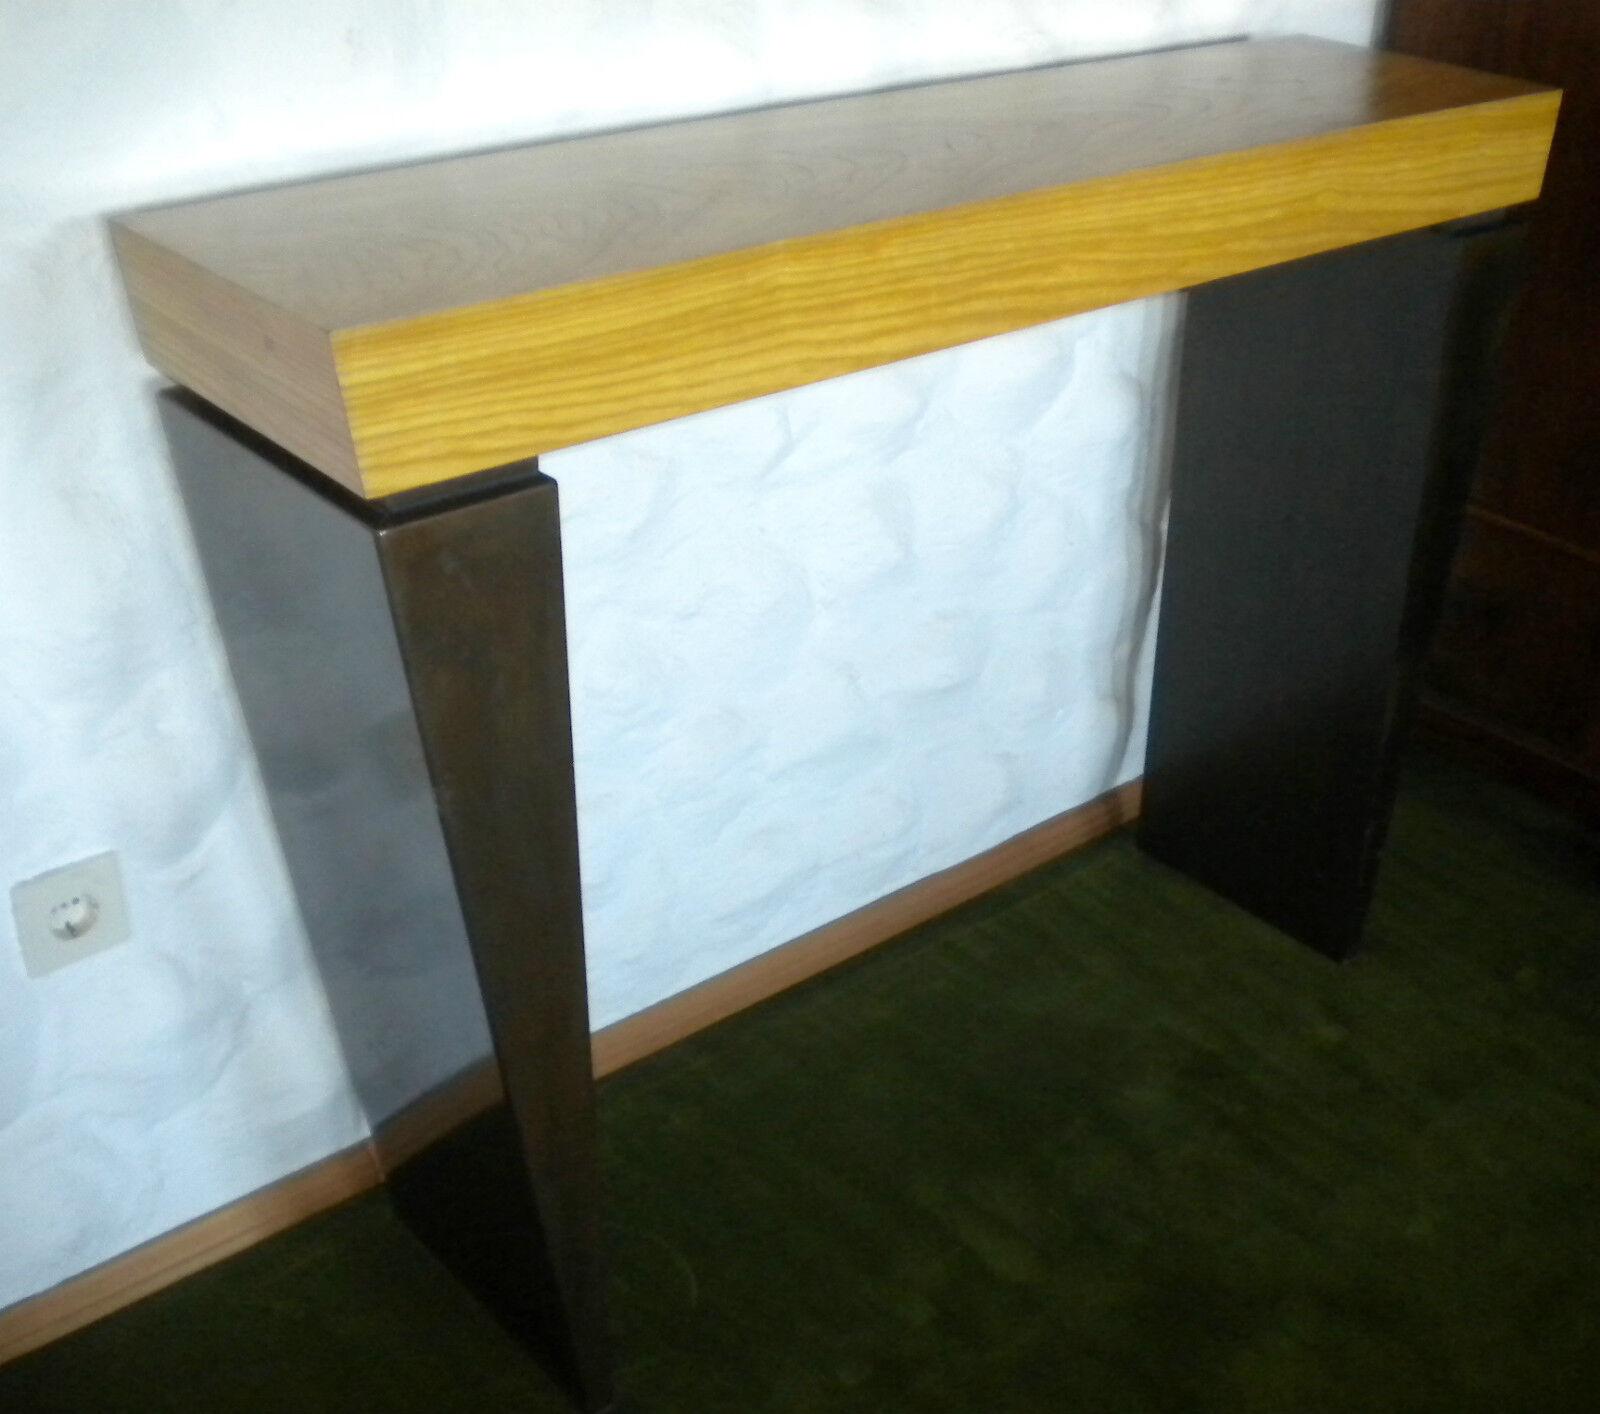 bauhaus stil gehaltene designer modelle eines mode label 39 s der 80er jahre eur 800 00 picclick de. Black Bedroom Furniture Sets. Home Design Ideas